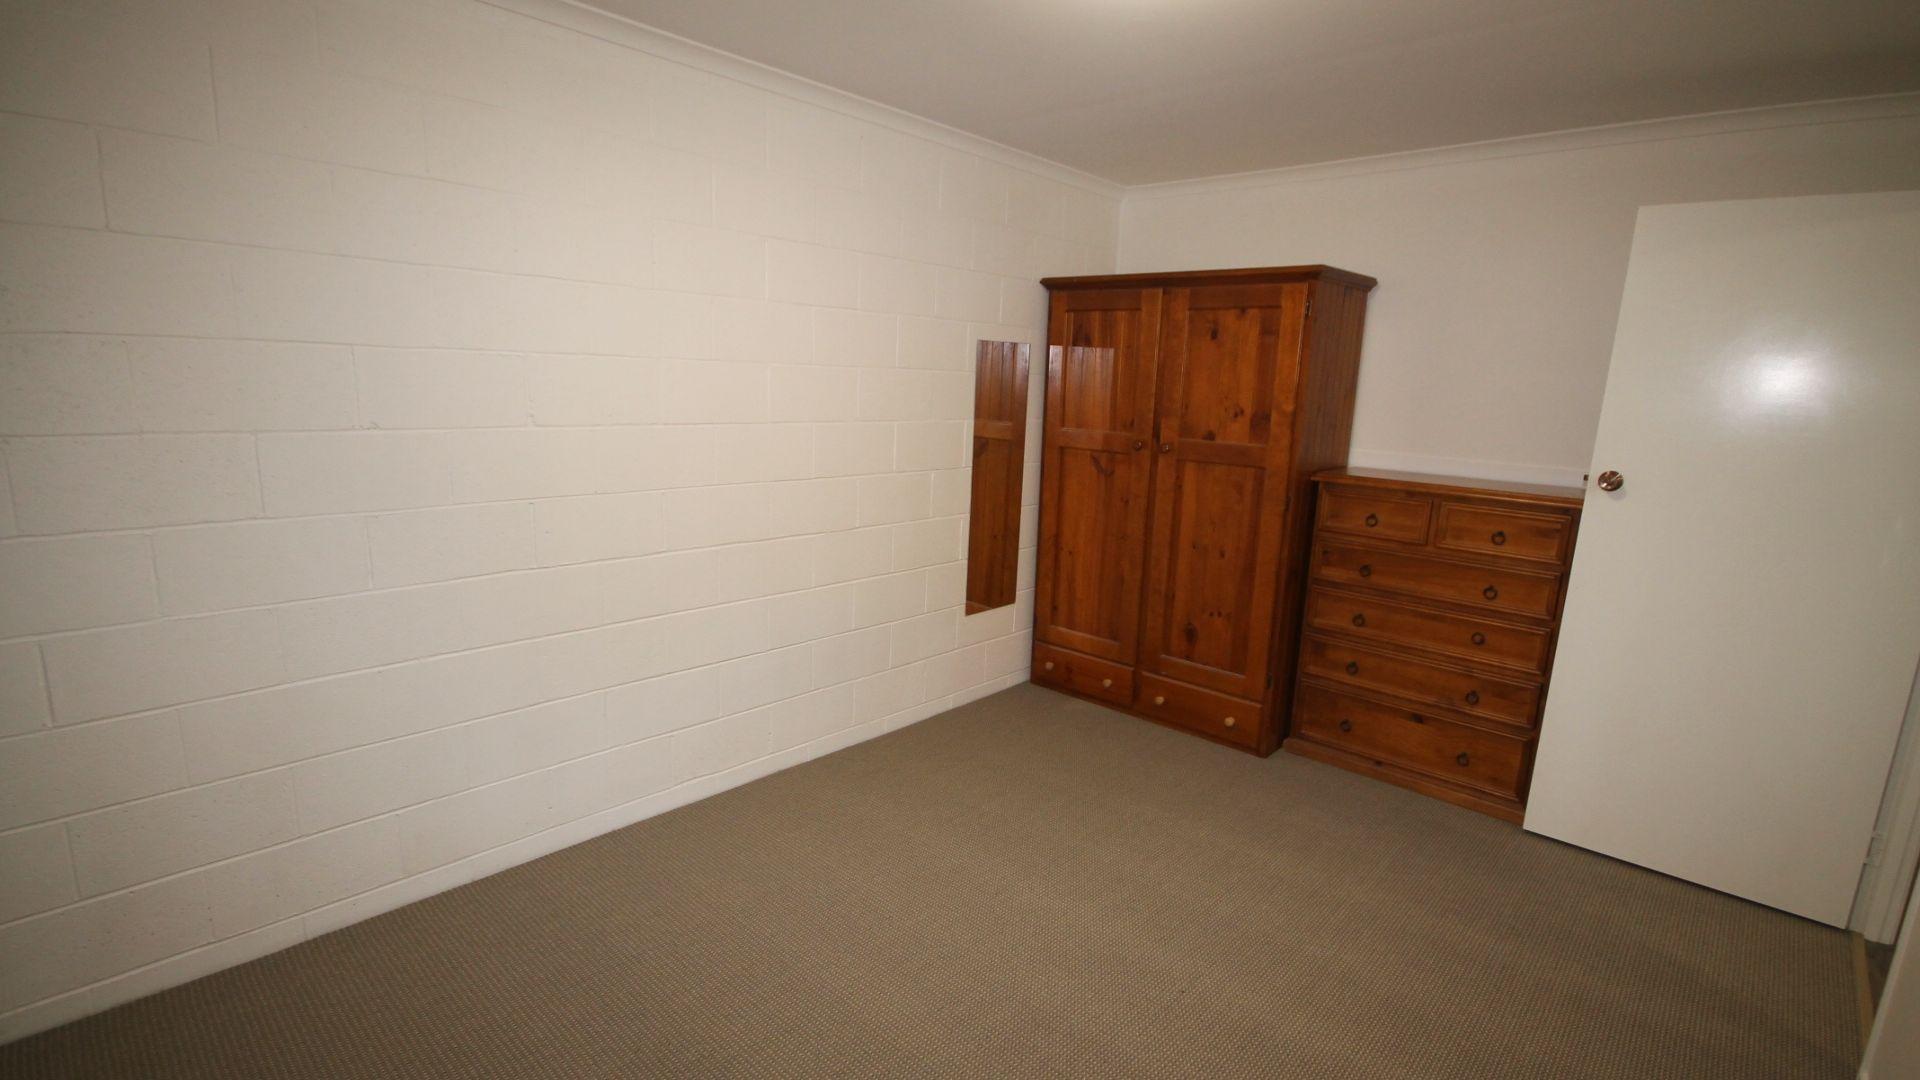 4/12 Ellis  Street, Toowoomba QLD 4350, Image 2